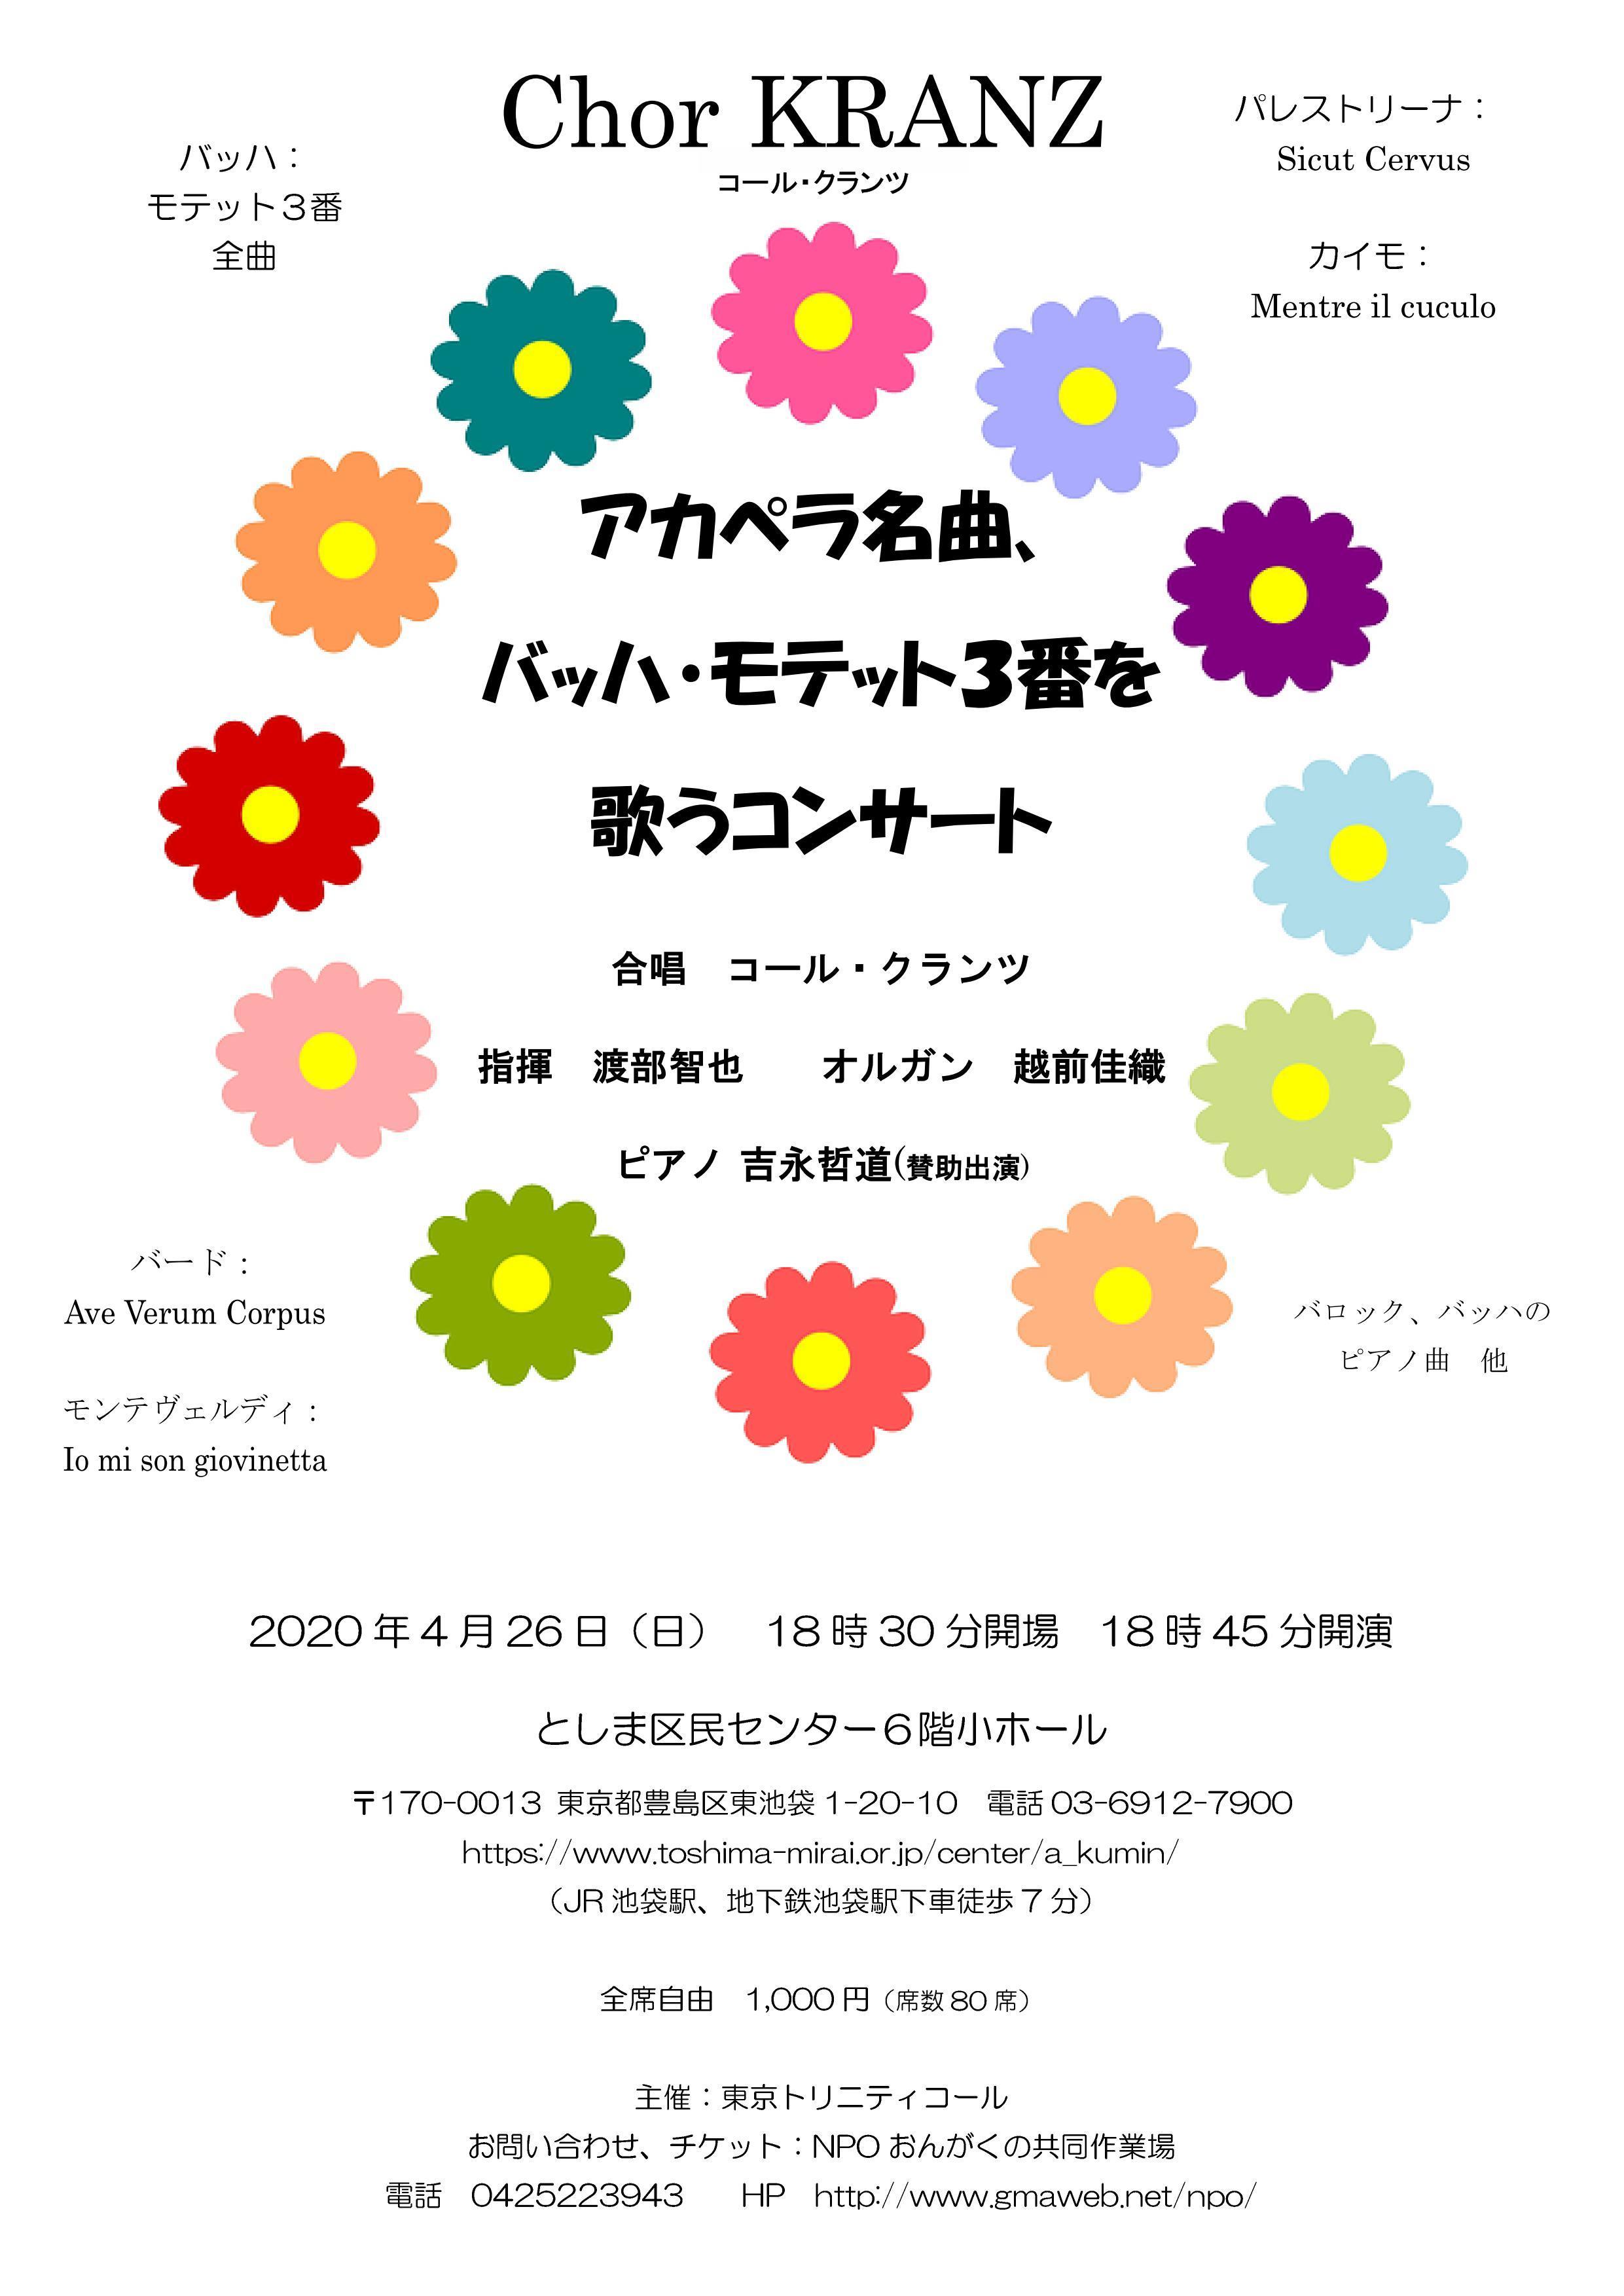 (延期)2020年4月26日アカペラ名曲、バッハモテット3番を歌うコンサート_b0342472_13592111.jpg